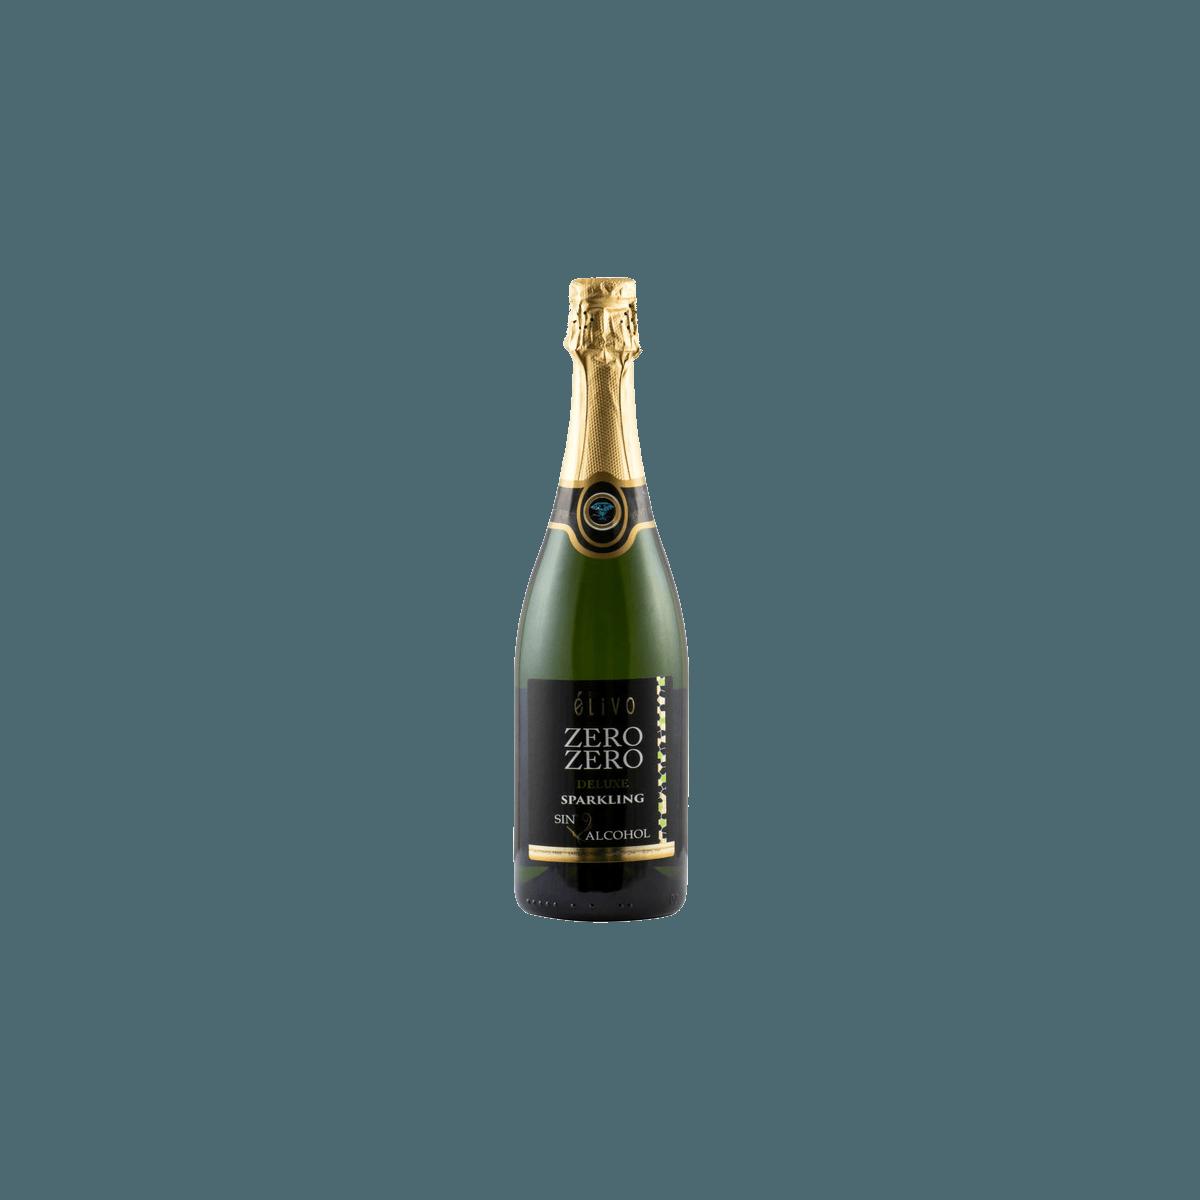 Elivo Zero Zero Deluxe, безалкогольное игристое вино, 0.75 л. (белое, сухое)